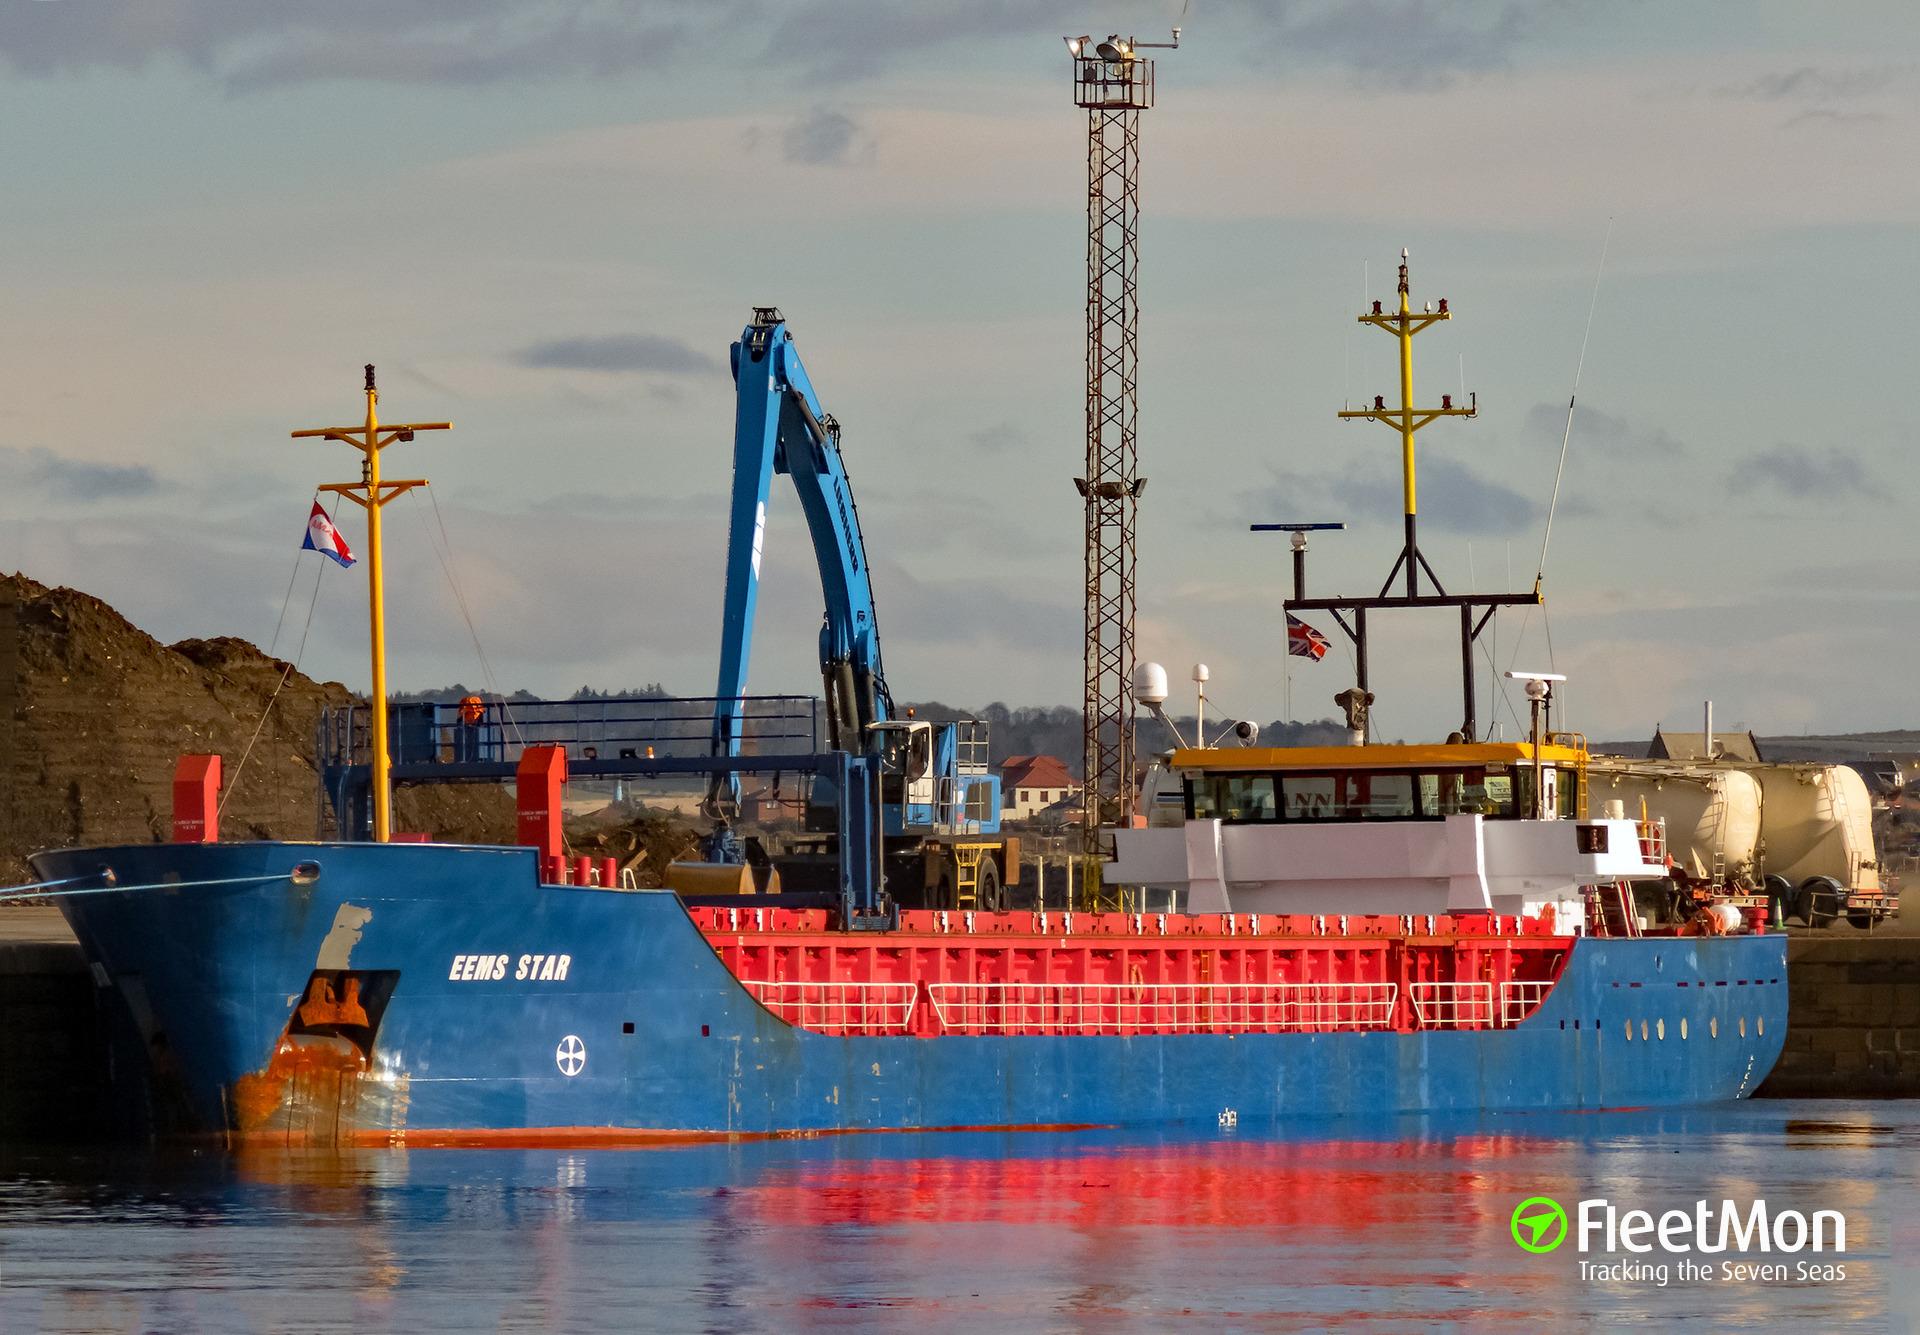 EEMS STAR troubled, Shetland